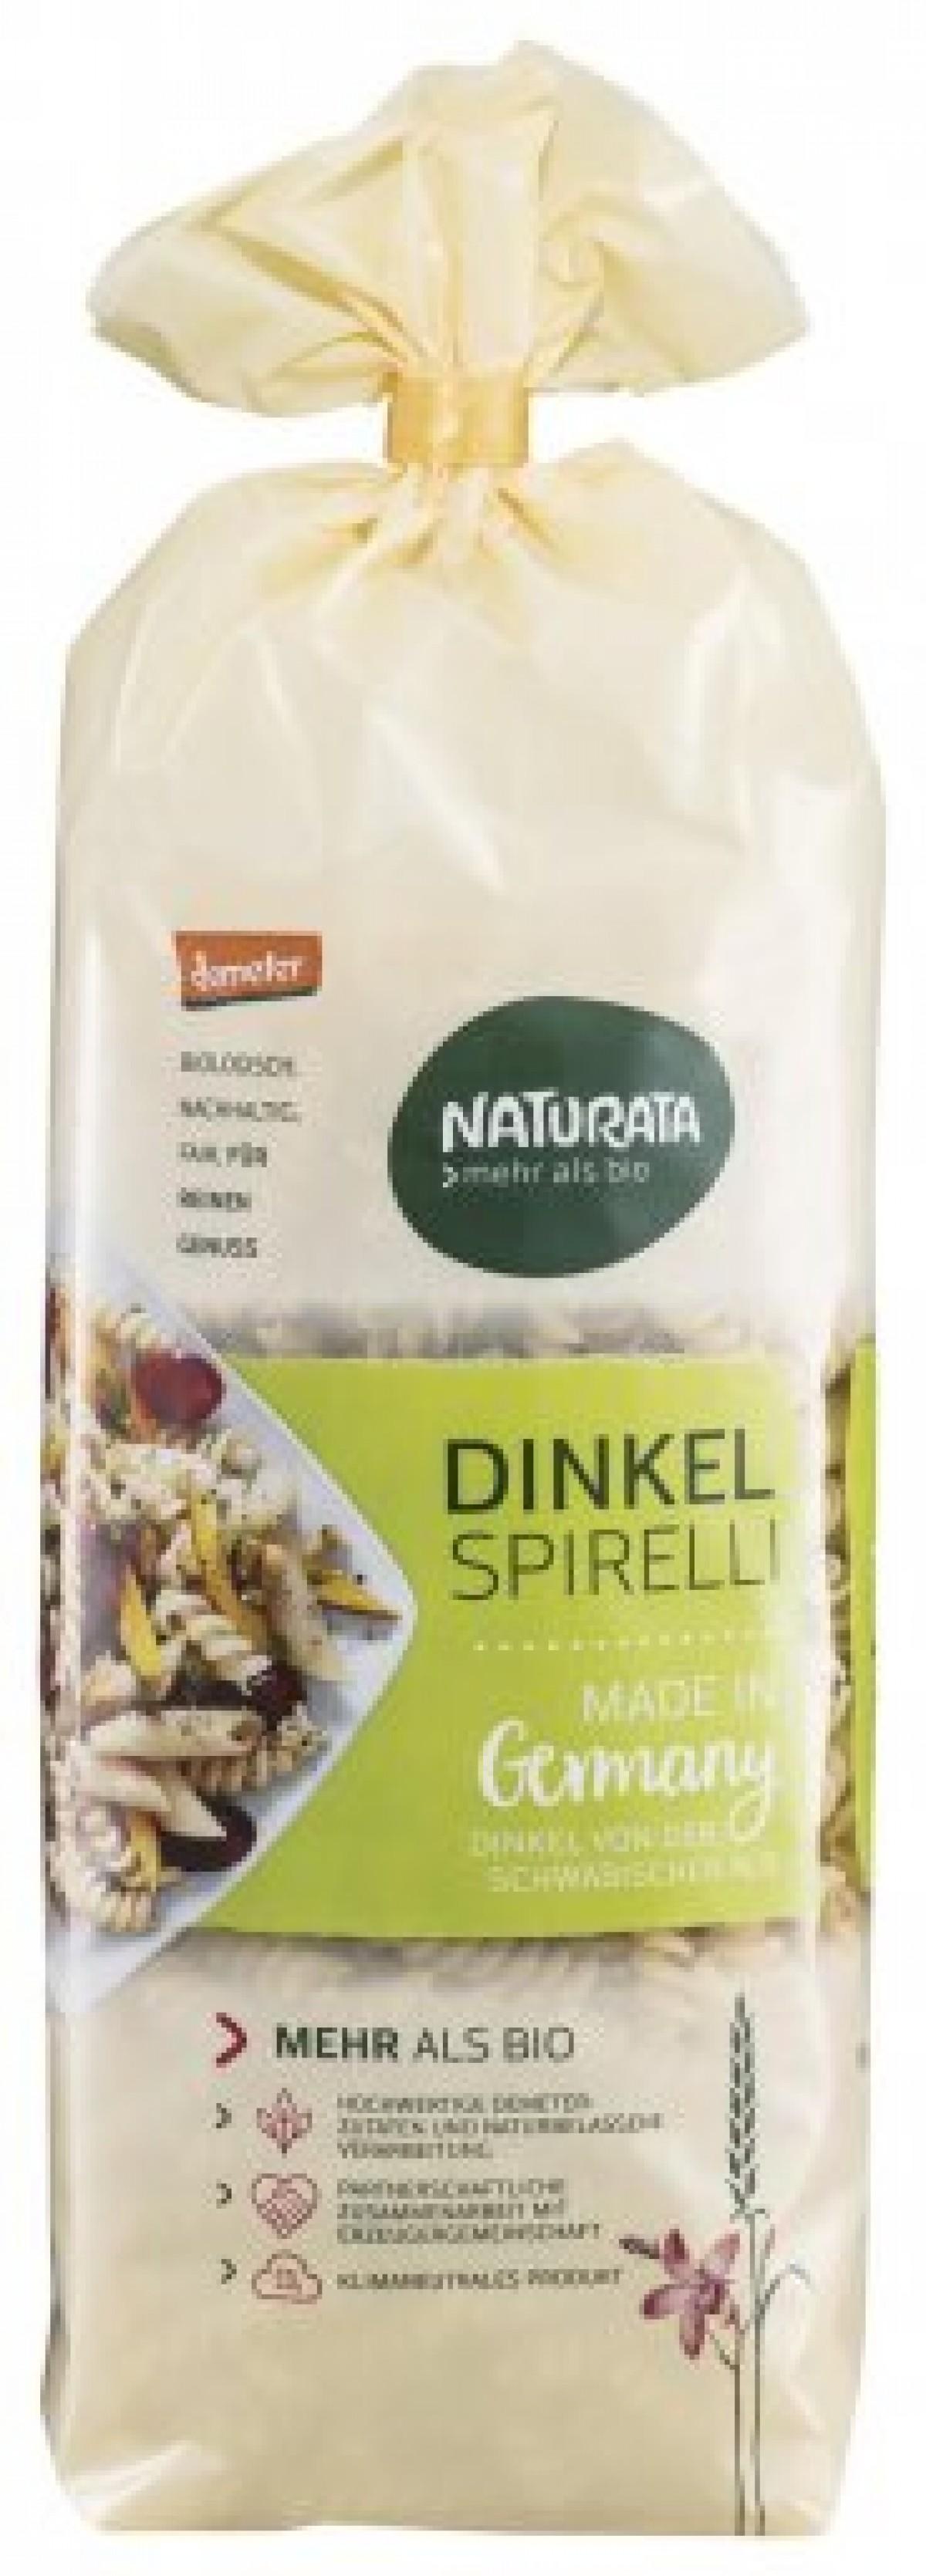 Naturata Dinkel-Spirelli hell DEMETER 500g